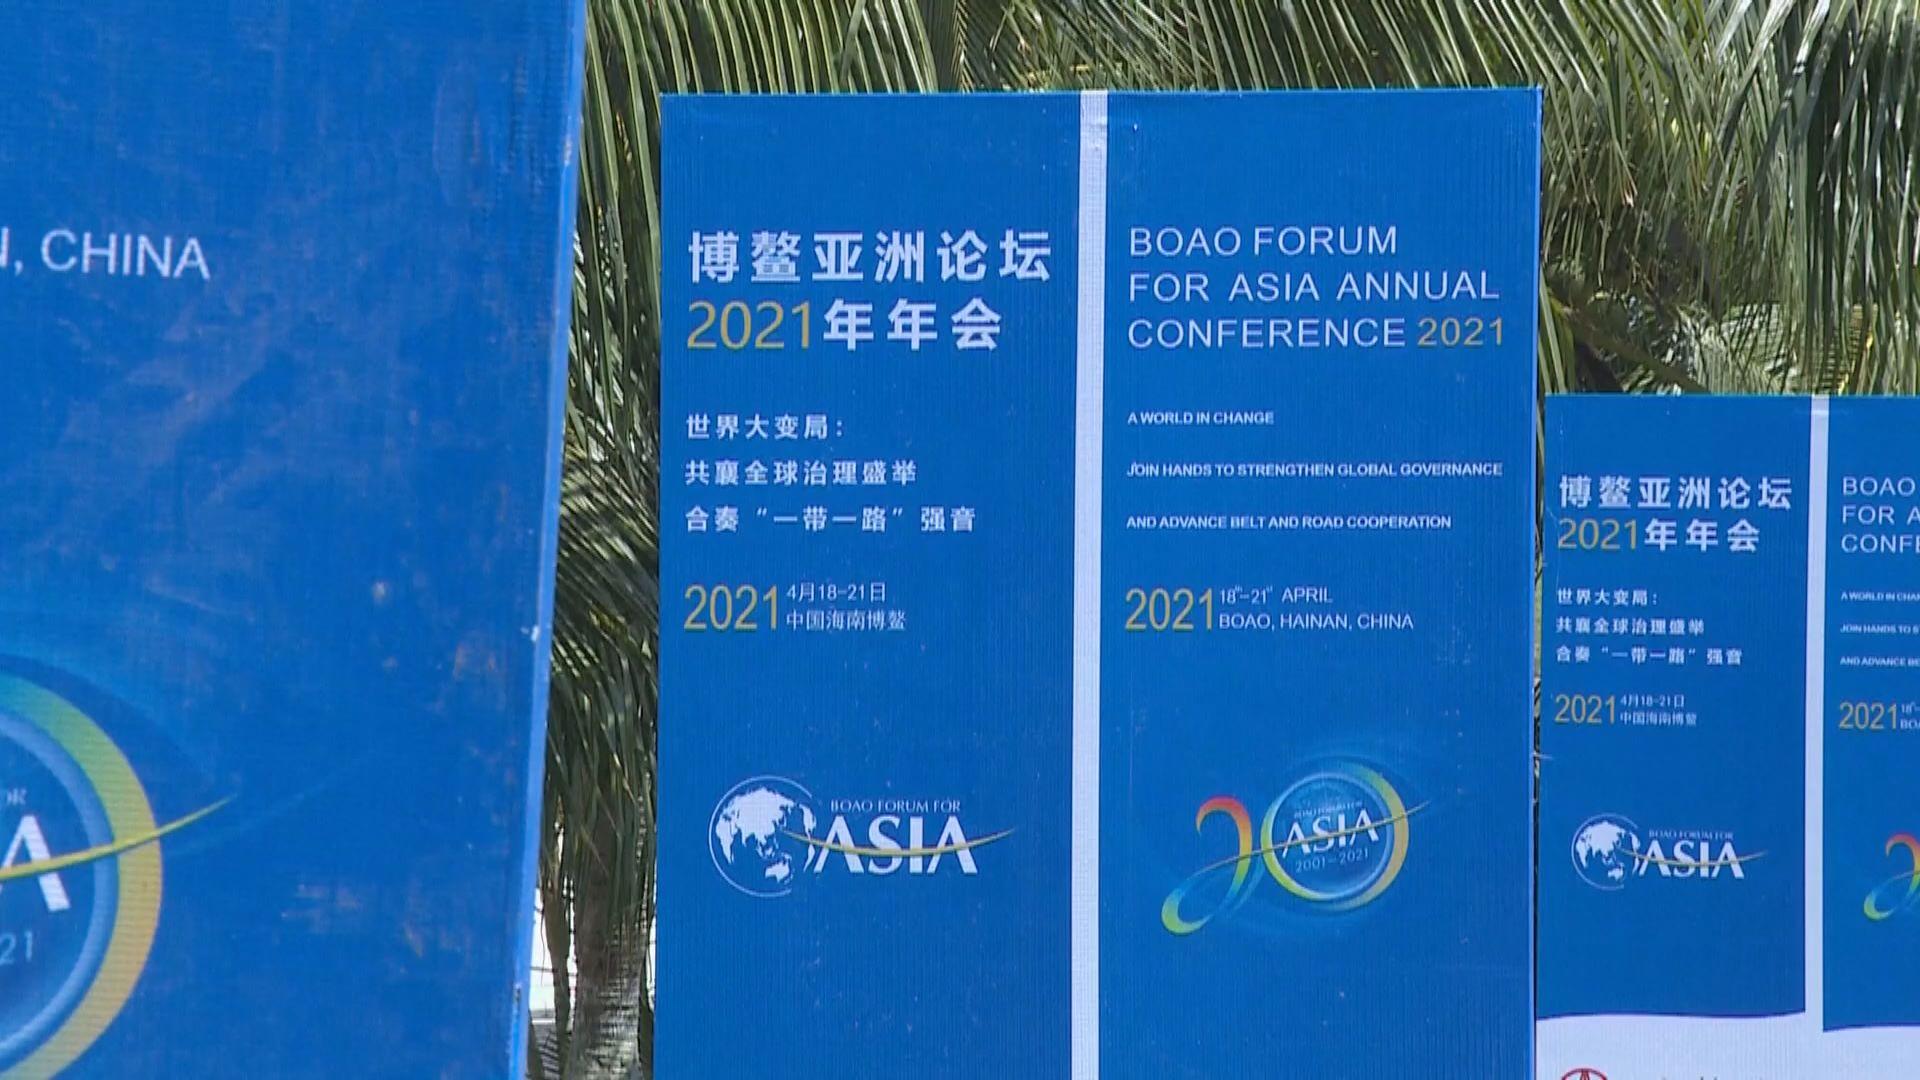 博鰲亞洲論壇年會舉行 國家領導人將出席開幕式